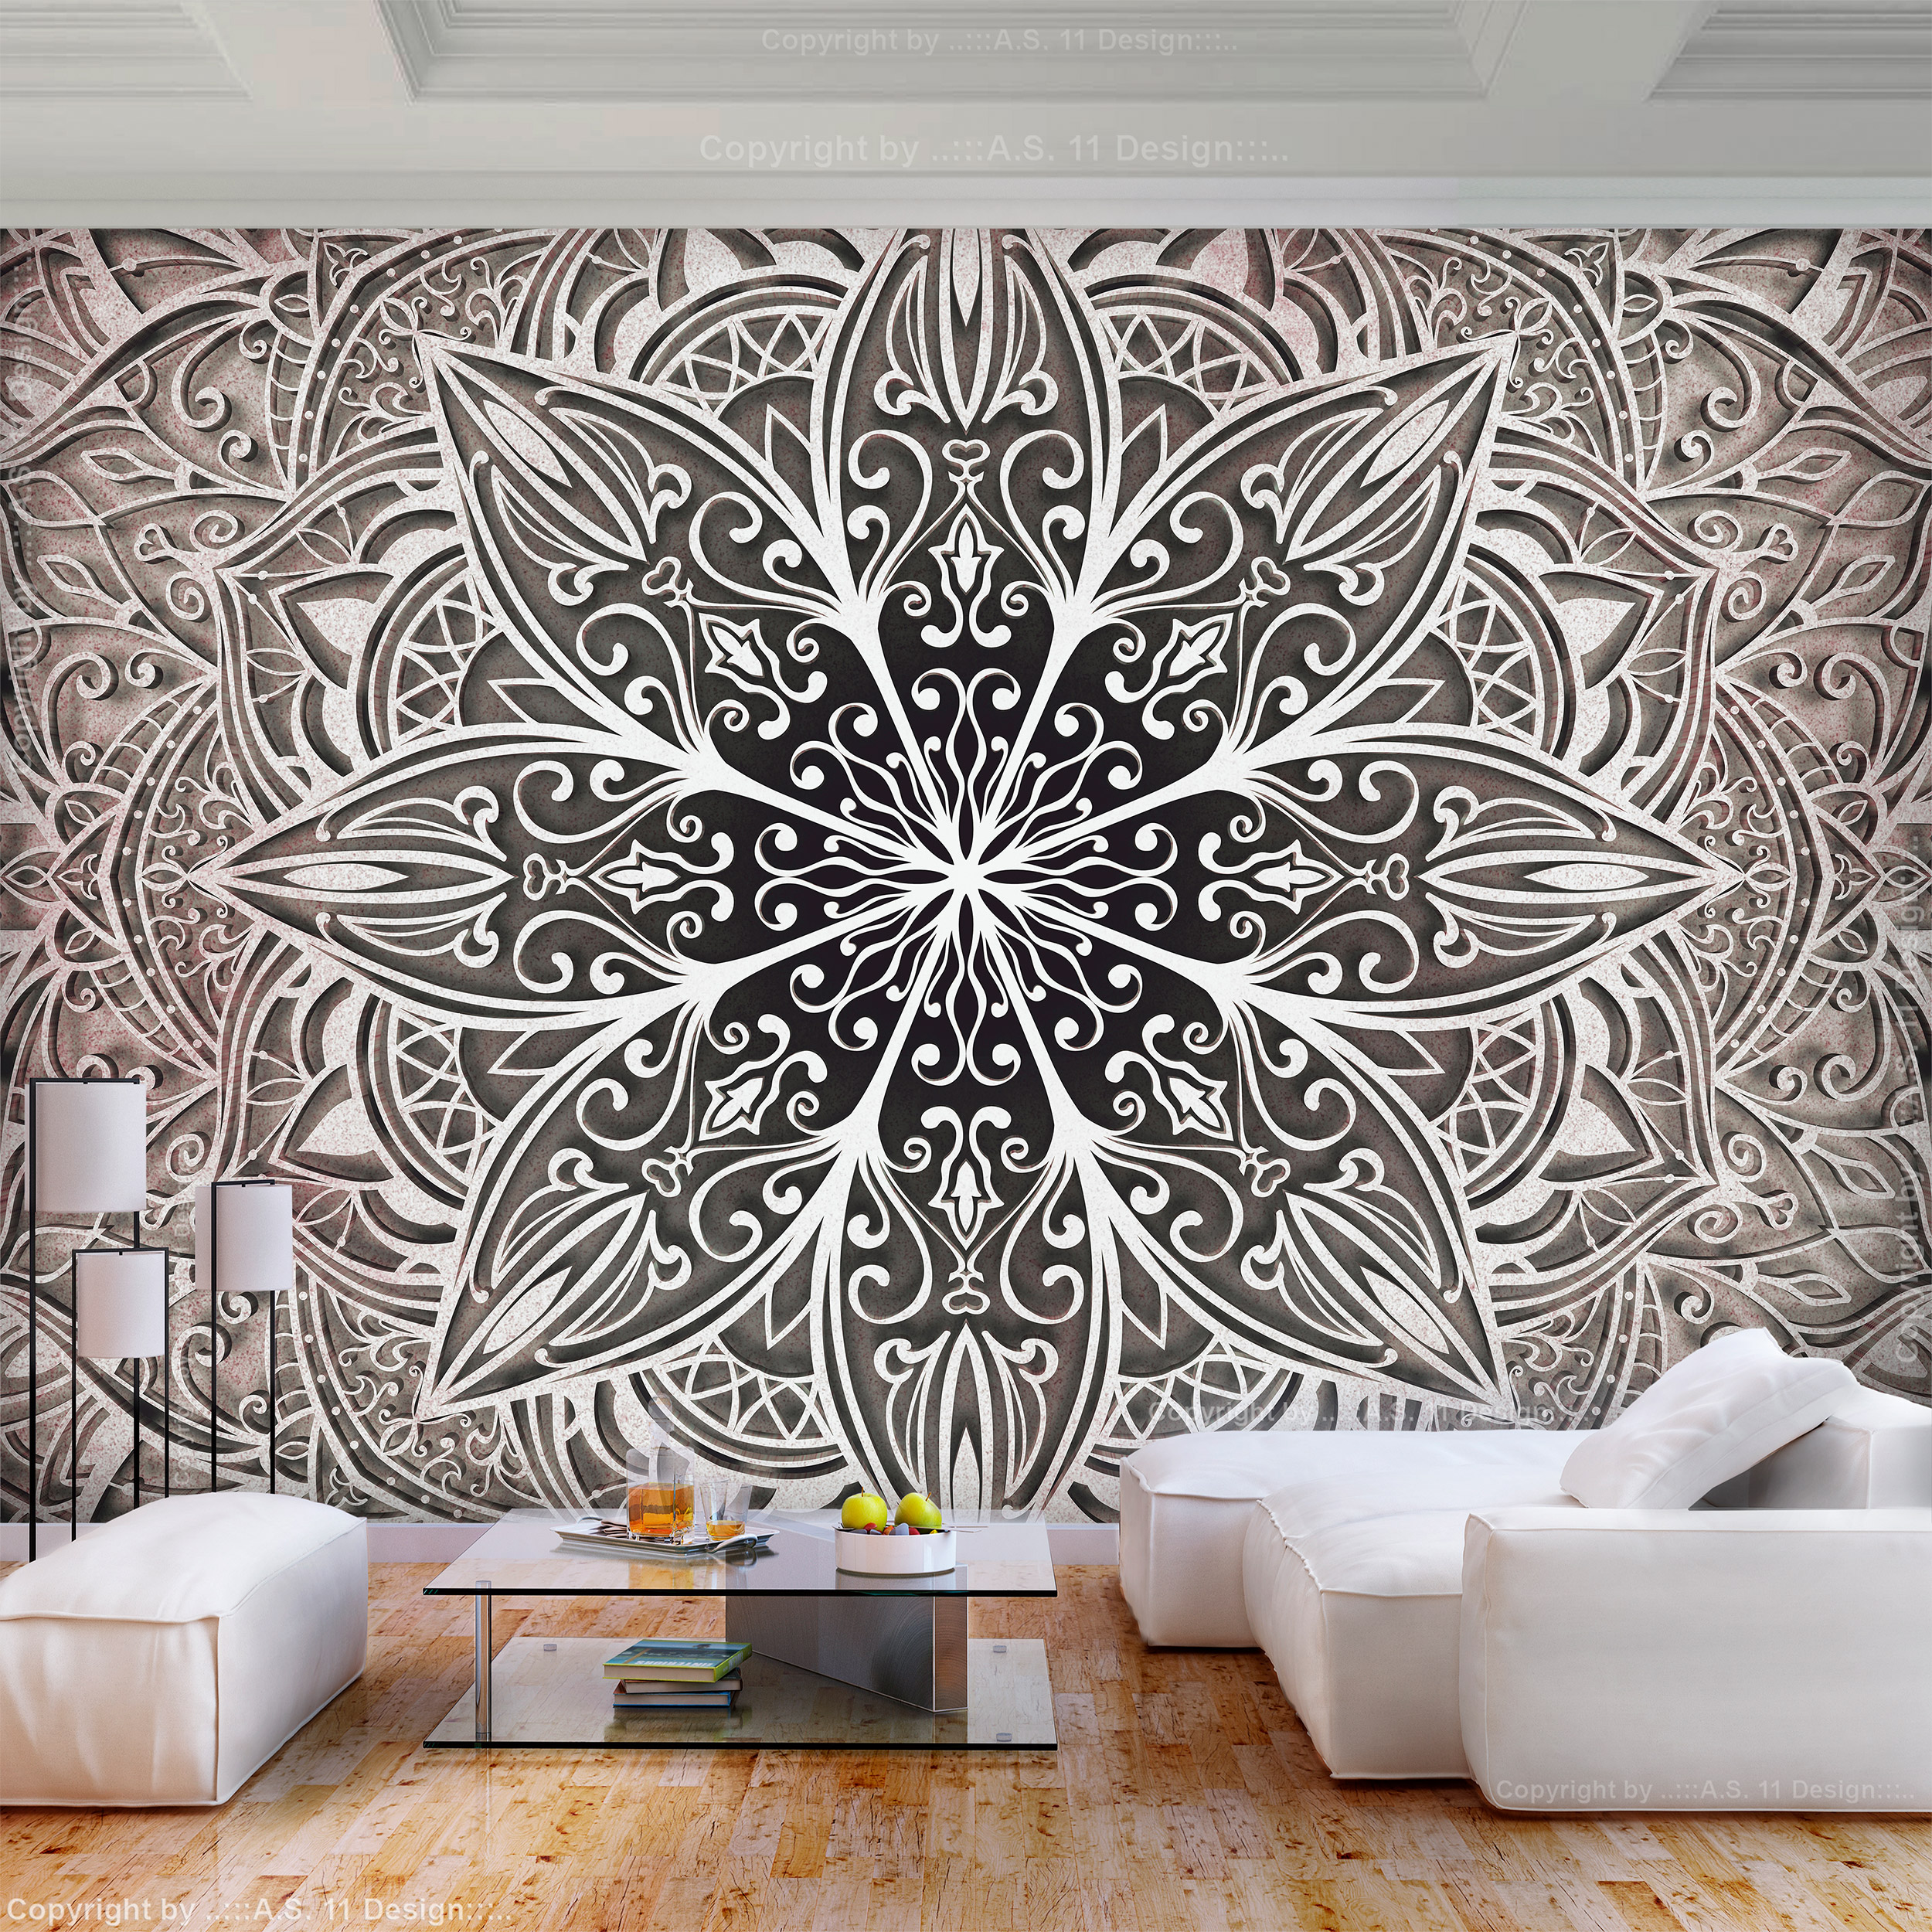 vlies fototapete mandala indische wohnzimmer tapete hippie orient